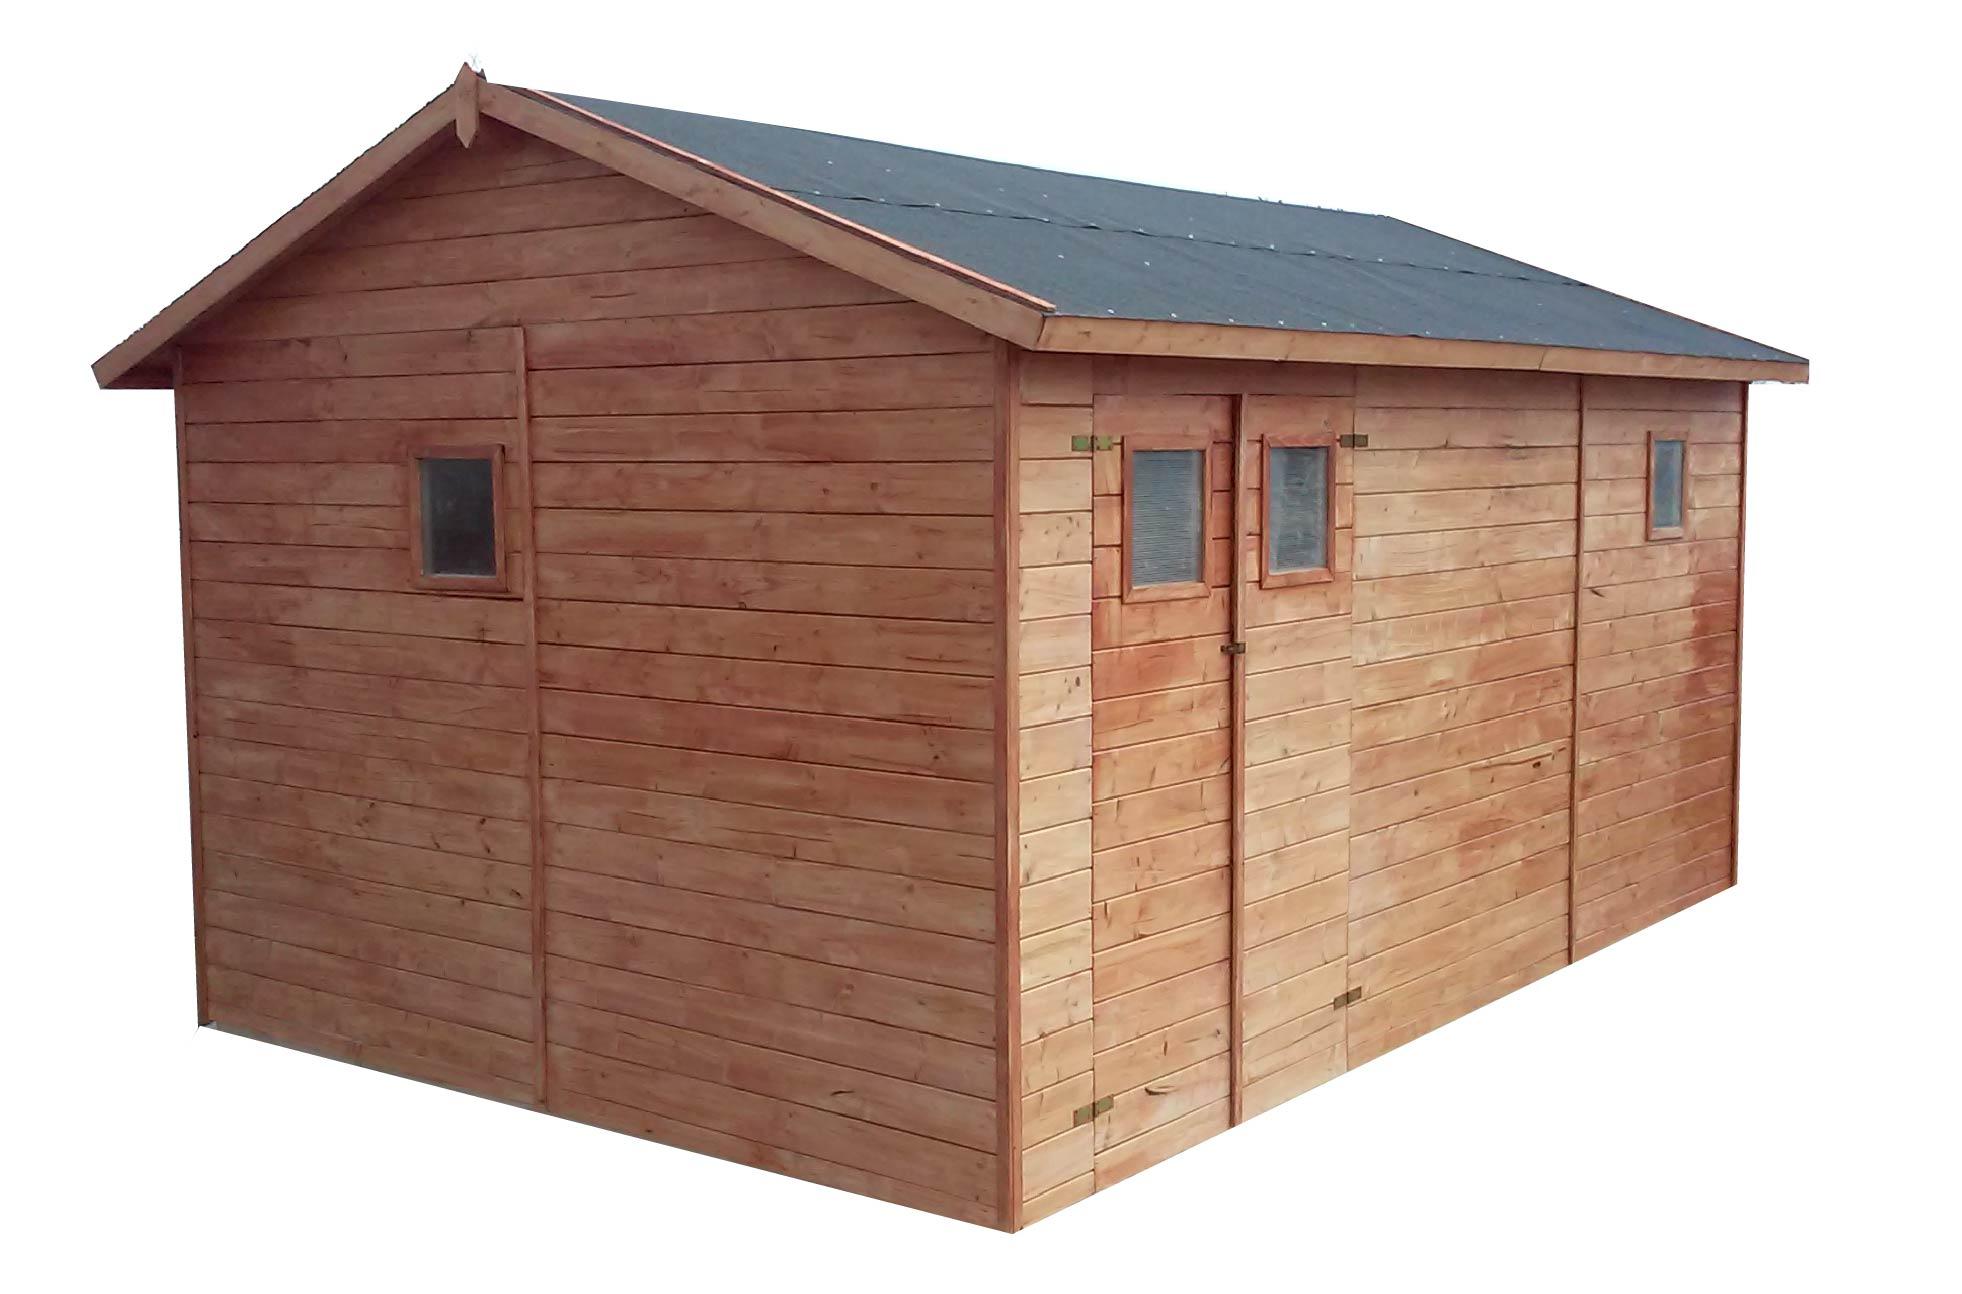 ed59d4869df34 Najlacnějšie záhradné domčeky a chatky, na náradie, drevené, pre ...